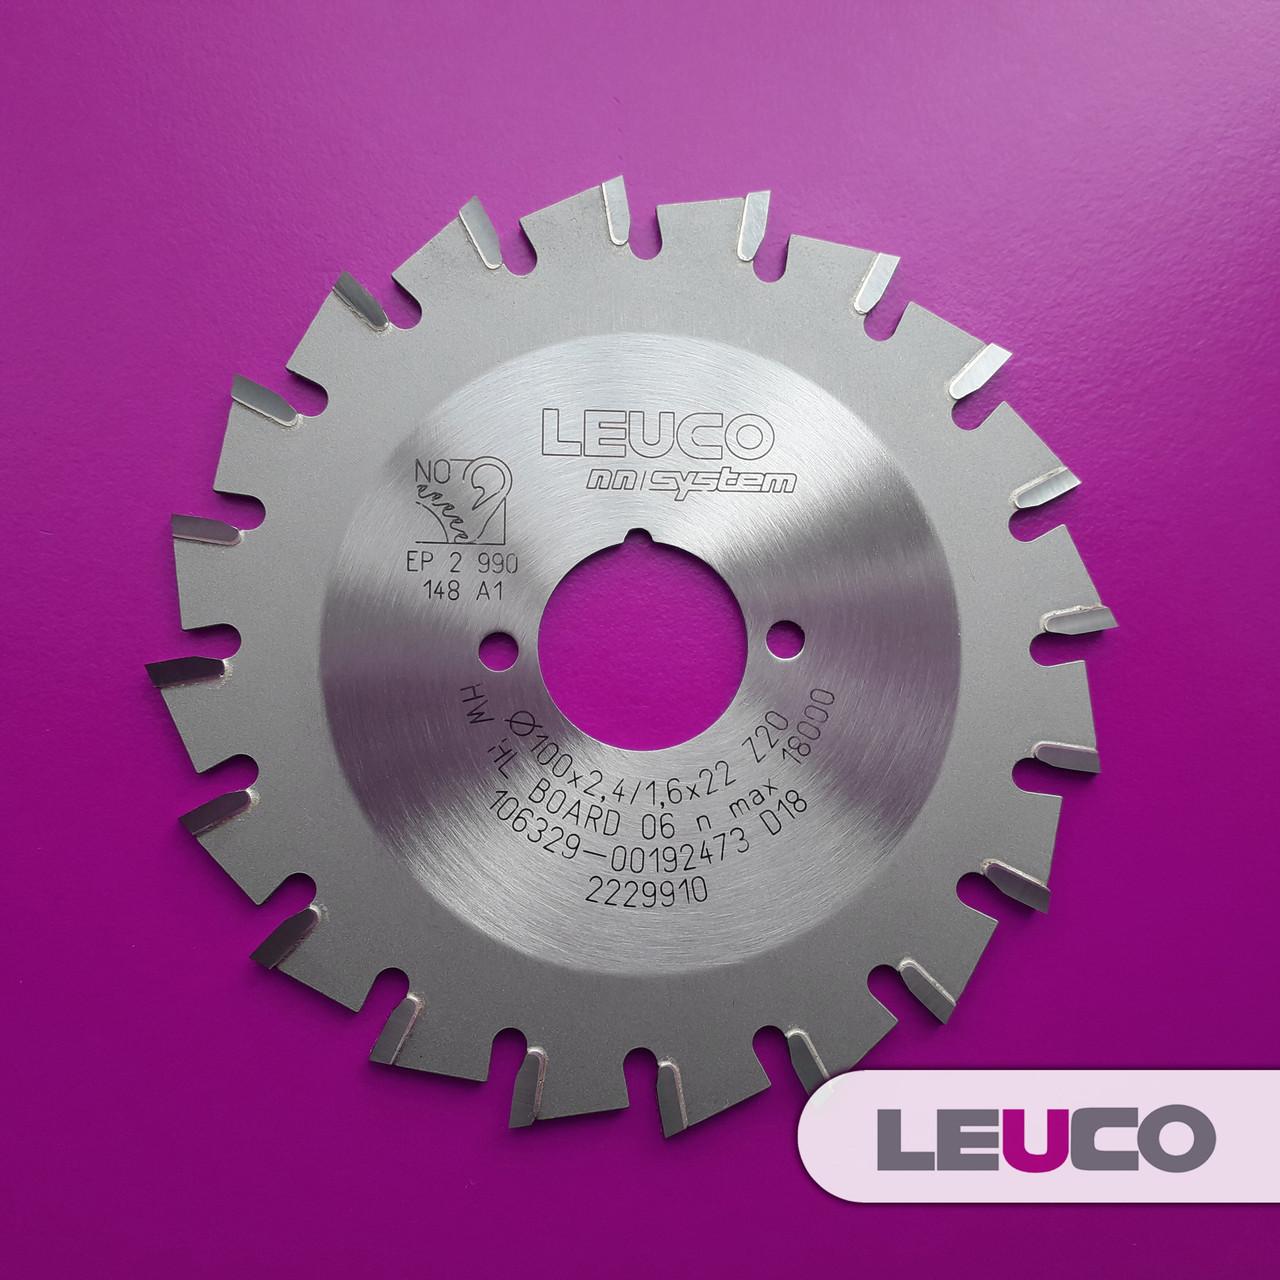 100x2,4x1,6x22 z=20 Торцевые дисковые пилы Leuco nn-System для обработки кромок (Hebrock)